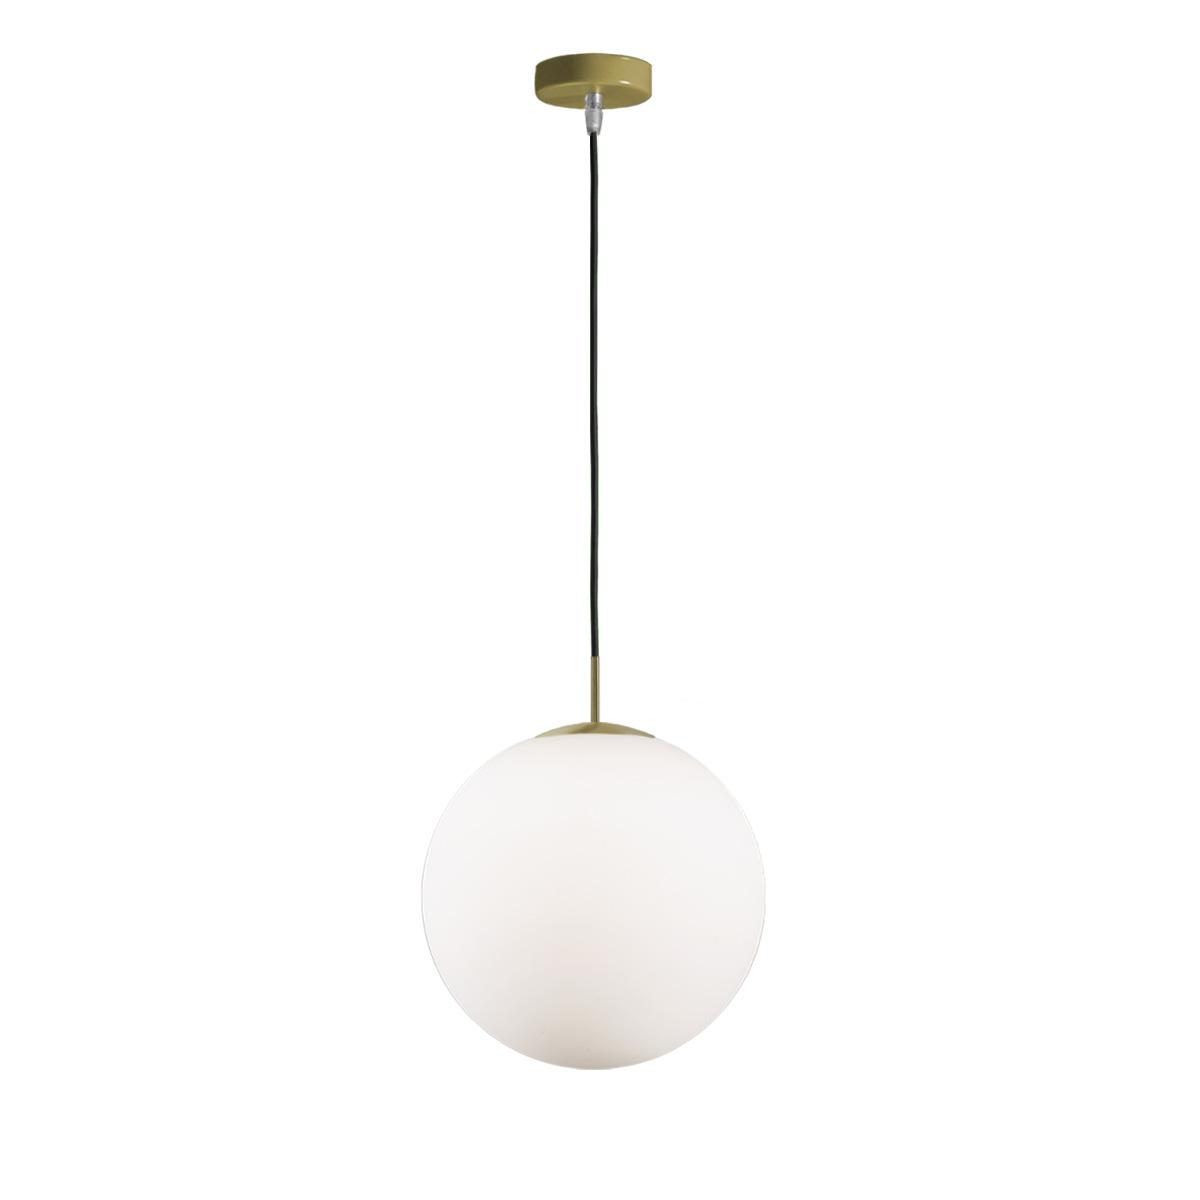 Κρεμαστό φωτιστικό μπάλα ΜΠΑΛΕΣ sphere pendant lighting